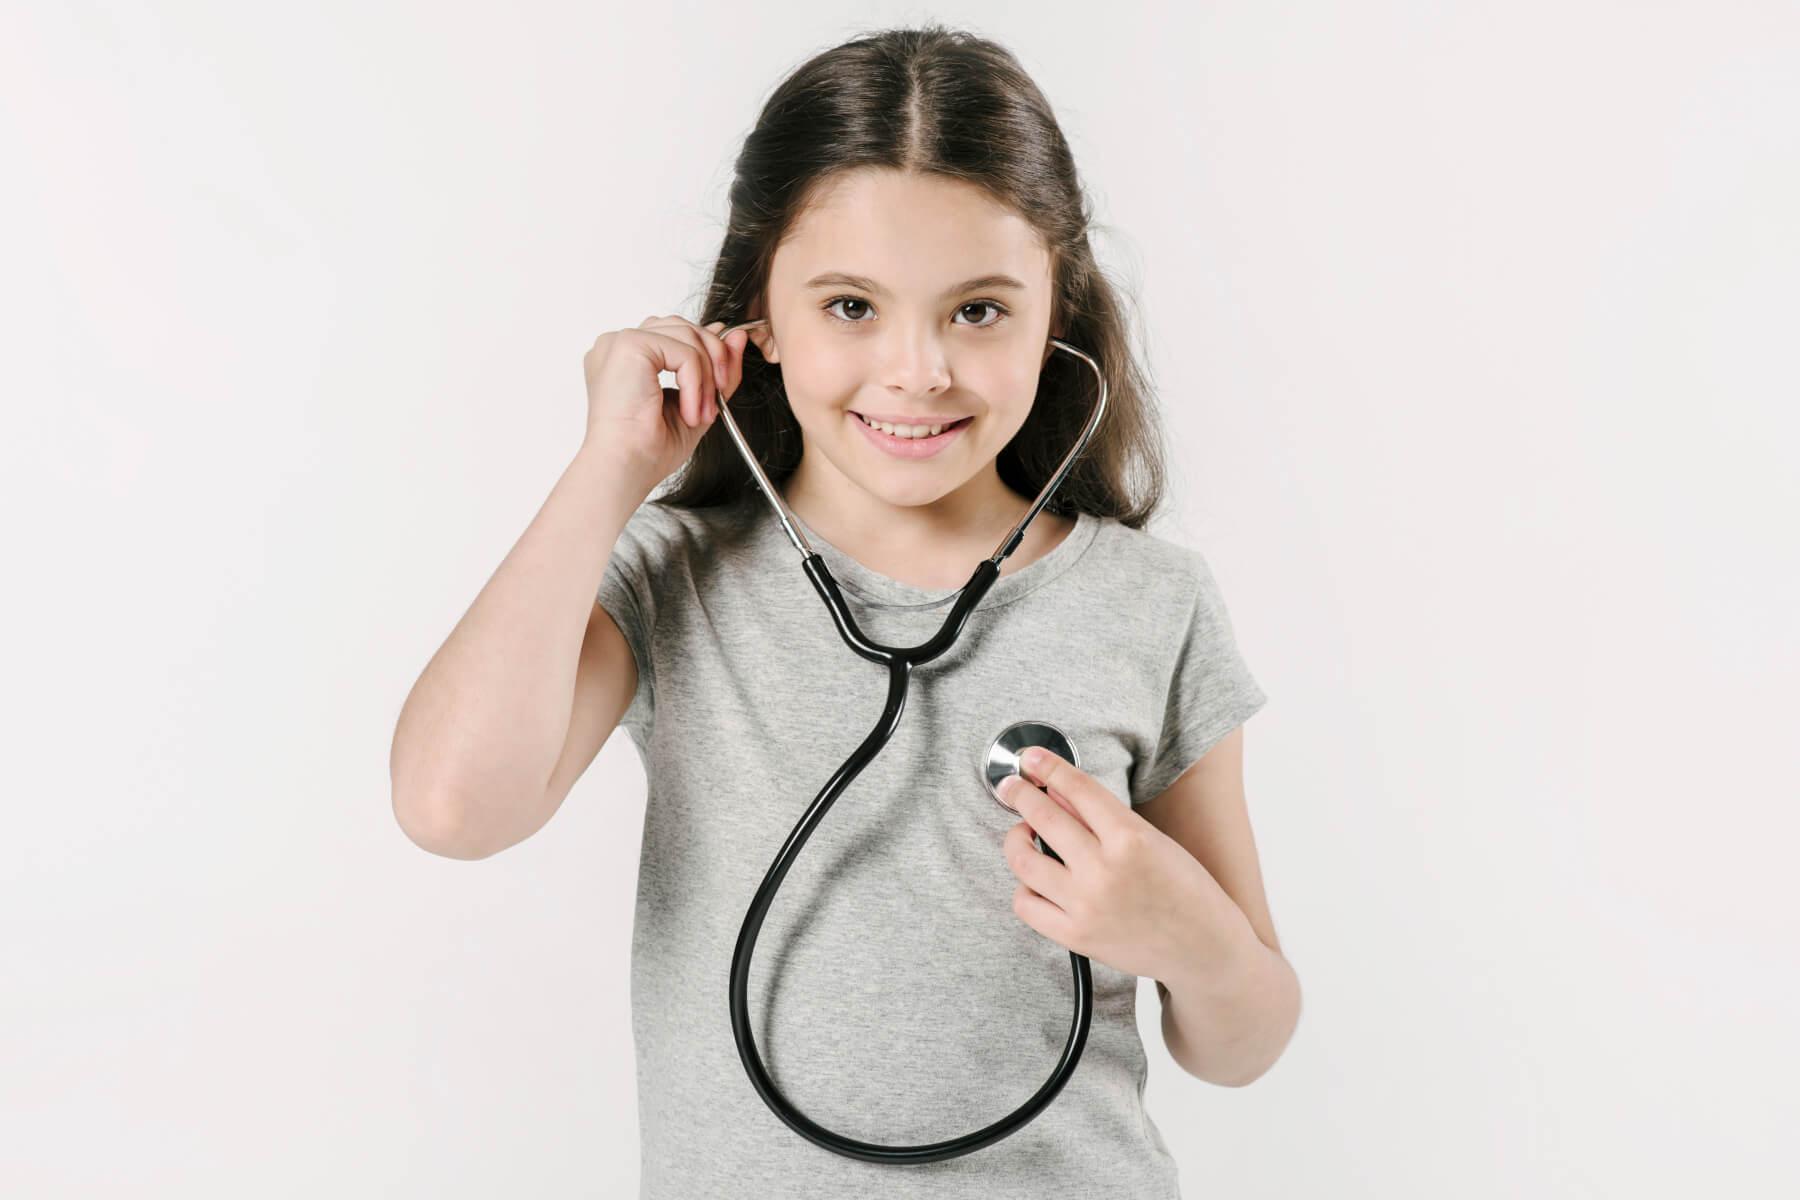 hipertenzija vrste djece)